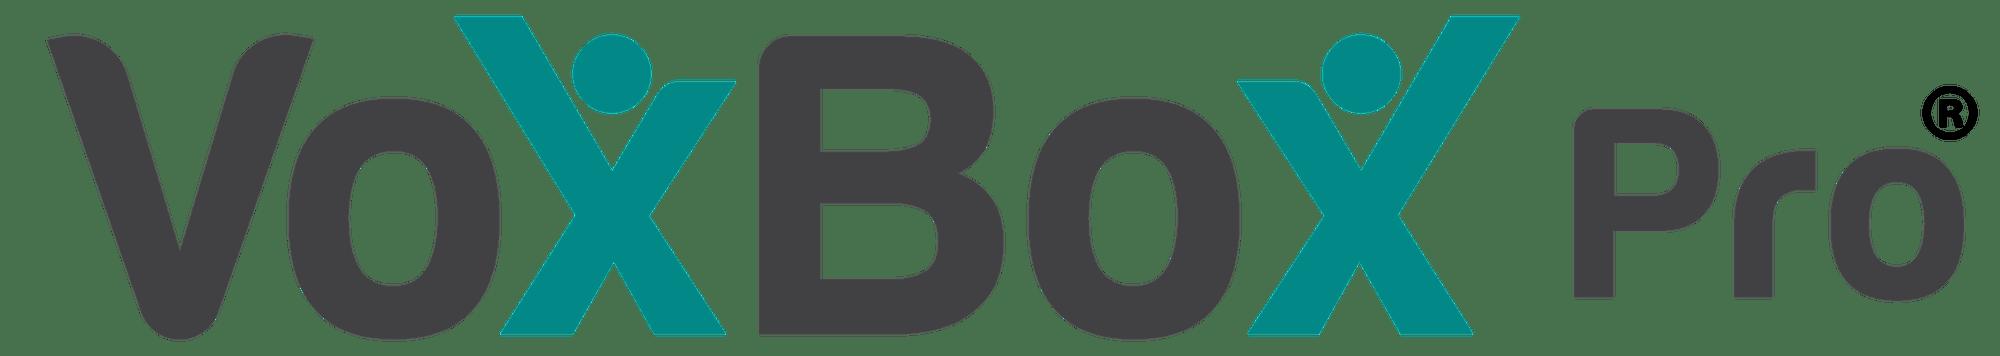 VoxBox Pro